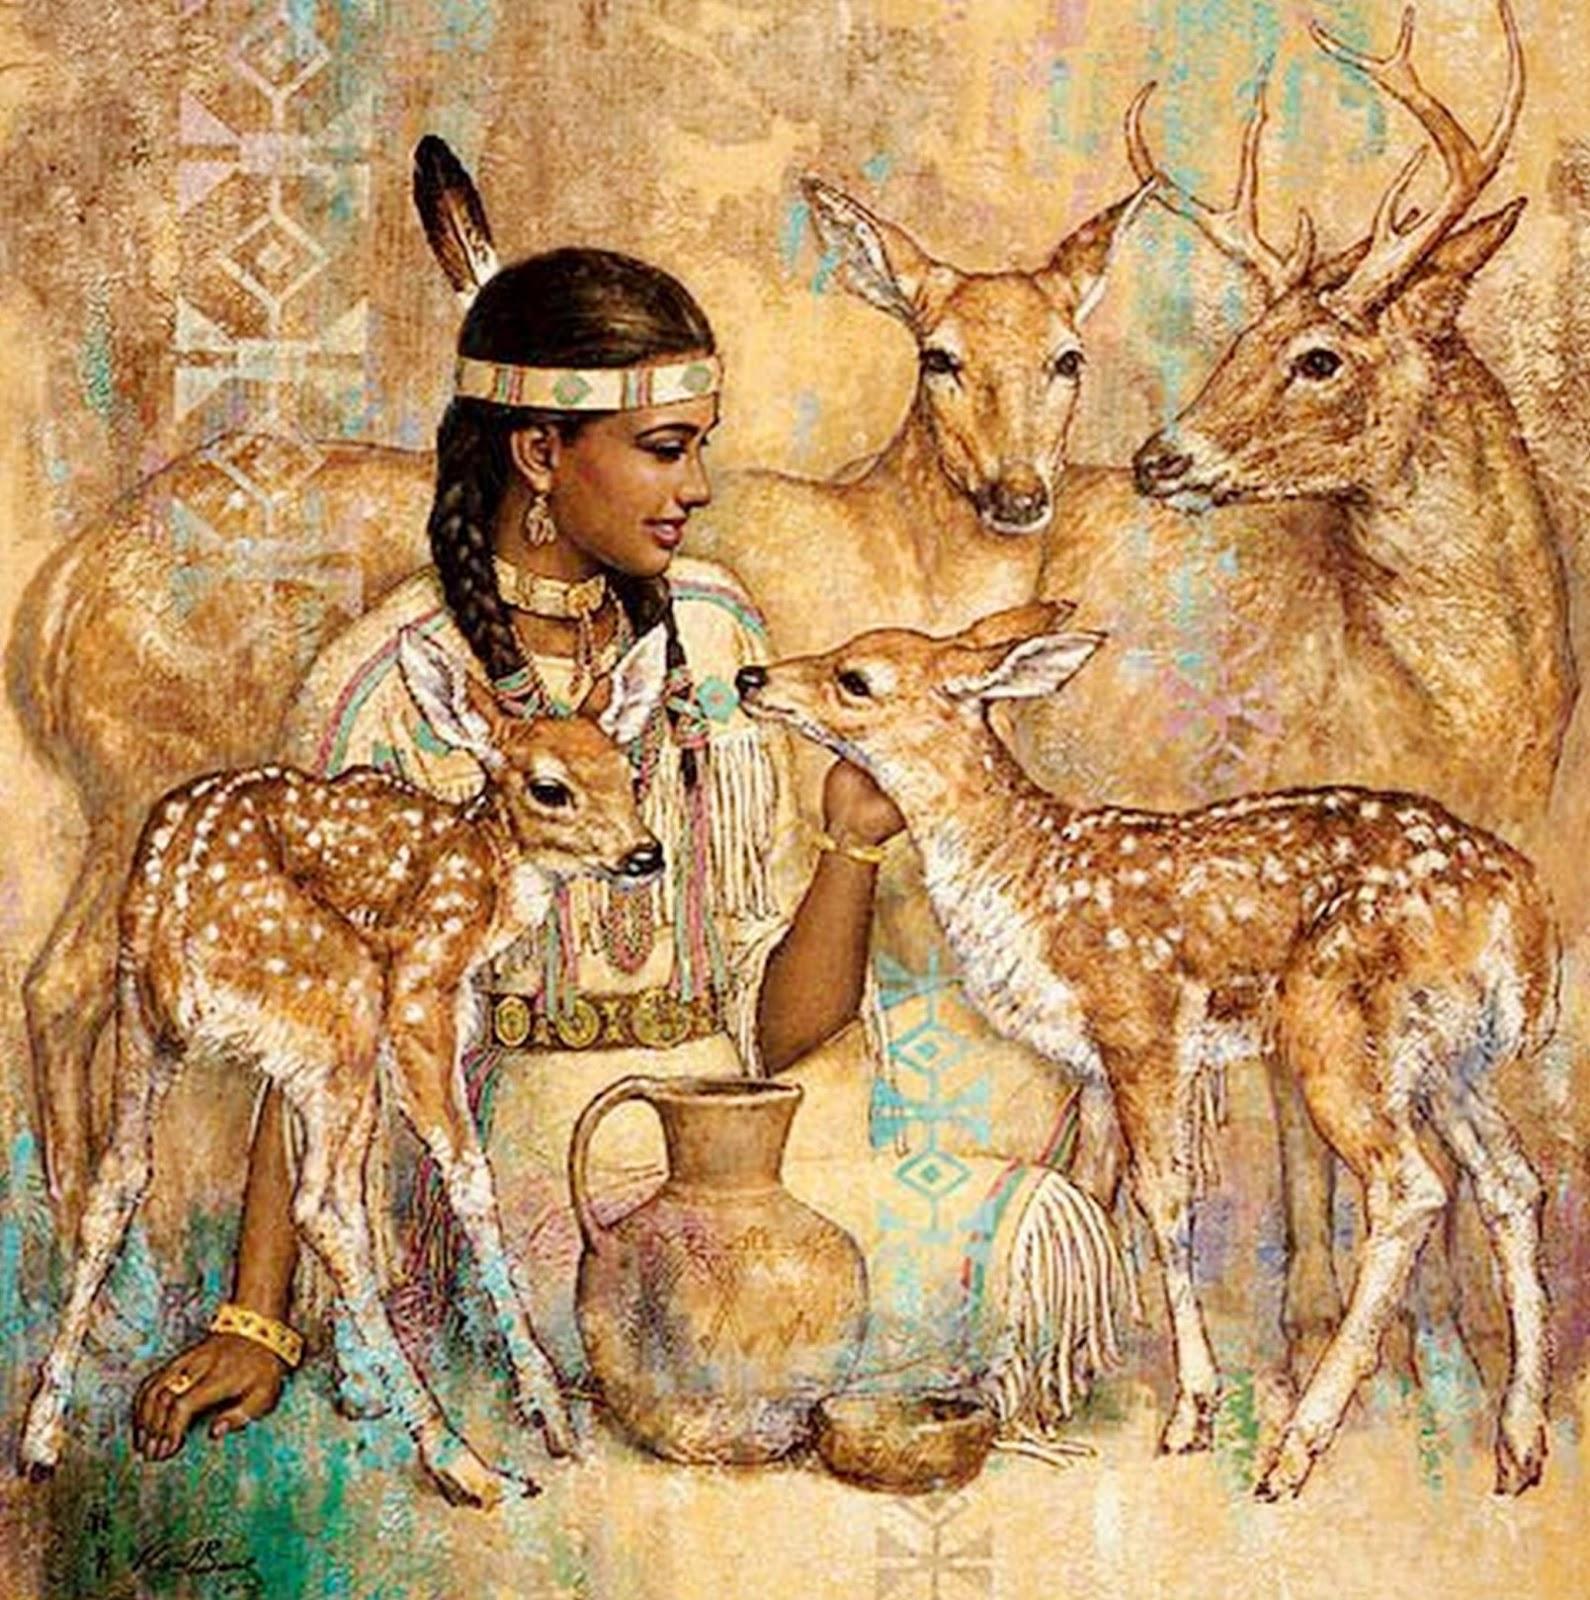 Karl Bang - Pinturas de Mulheres com Animais Selvagens